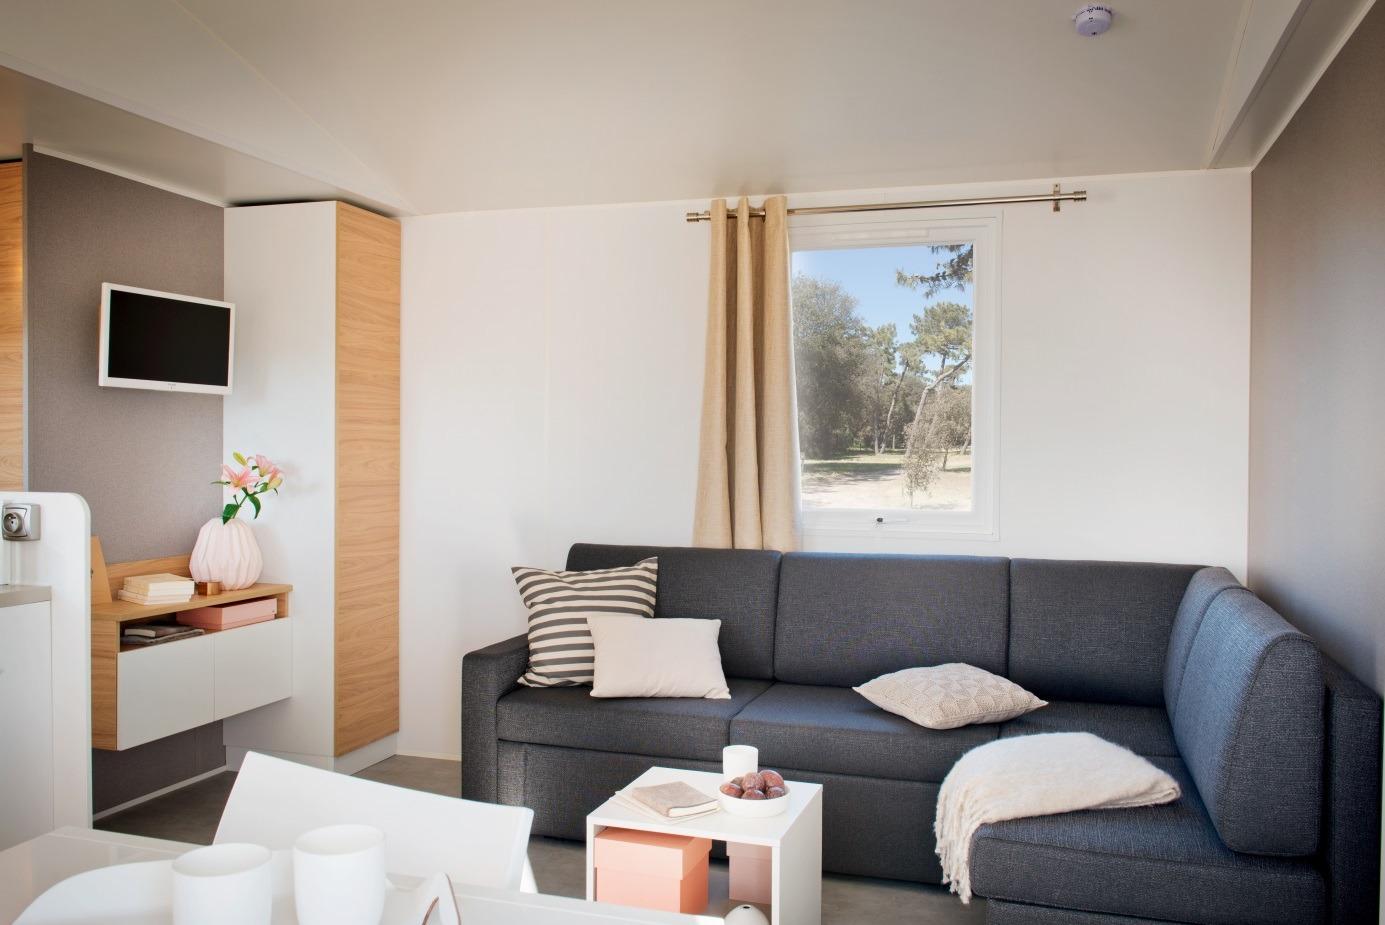 Location-mobil-home-luxe-avec-lave-vaiselle-saint-jean-de-monts-Les-Places-Dorees